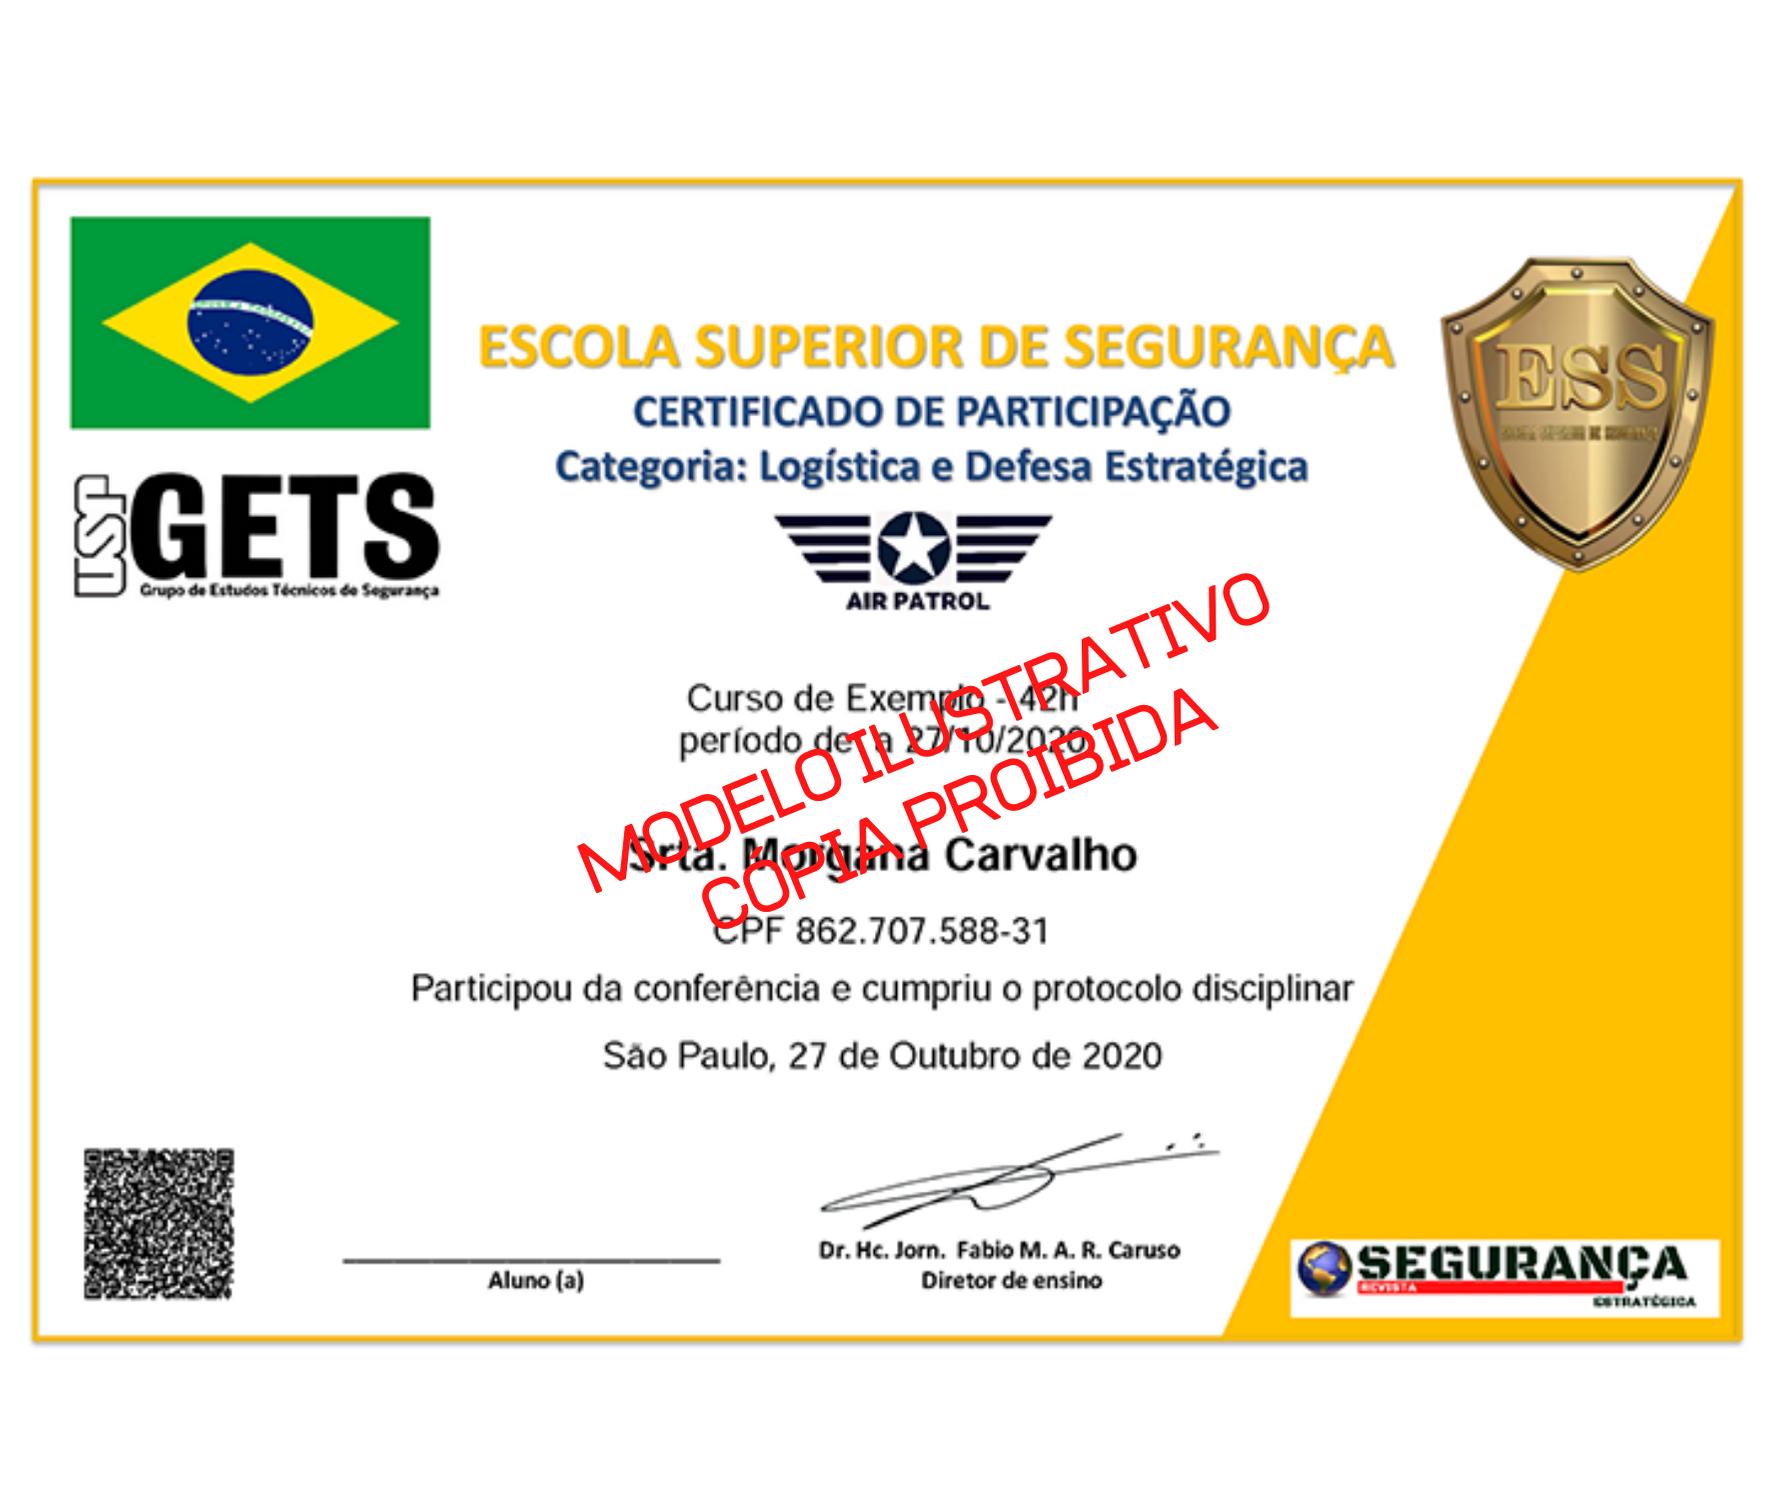 Figura ilustrativa do certificado página 1 - pode haver variações